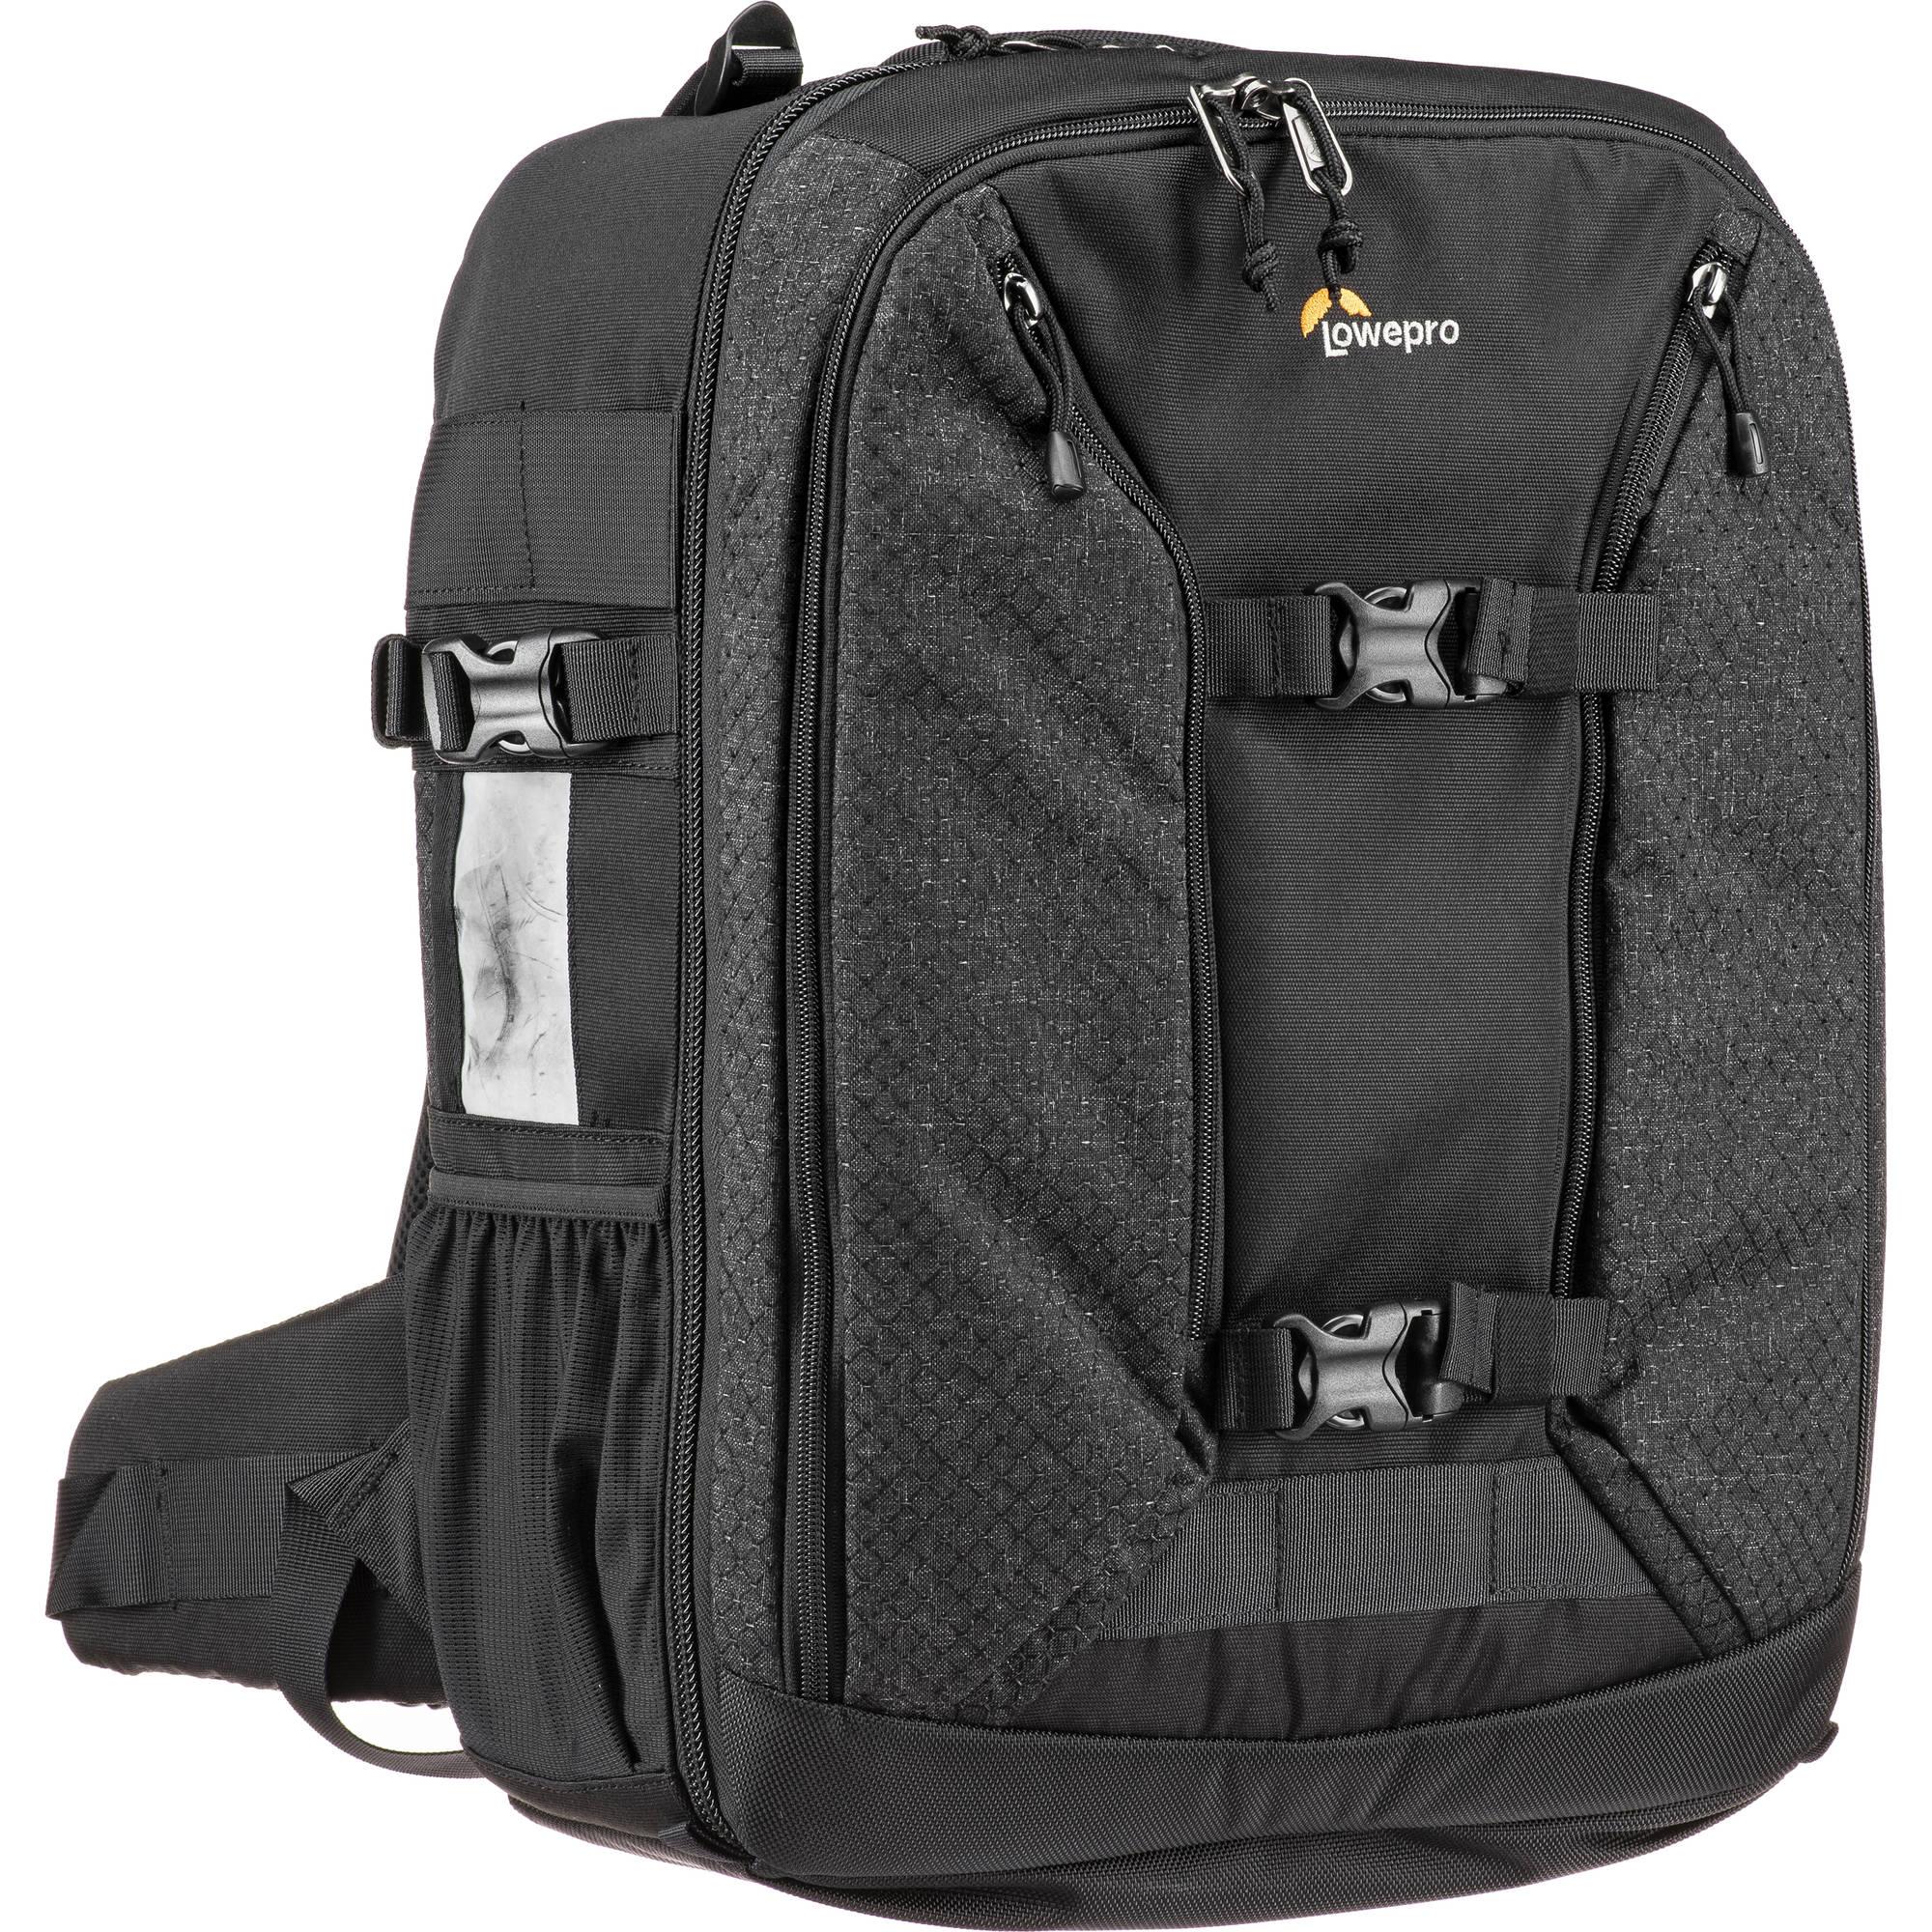 058763b52bb0 Lowepro Pro Runner BP 450 AW II Backpack (Black)